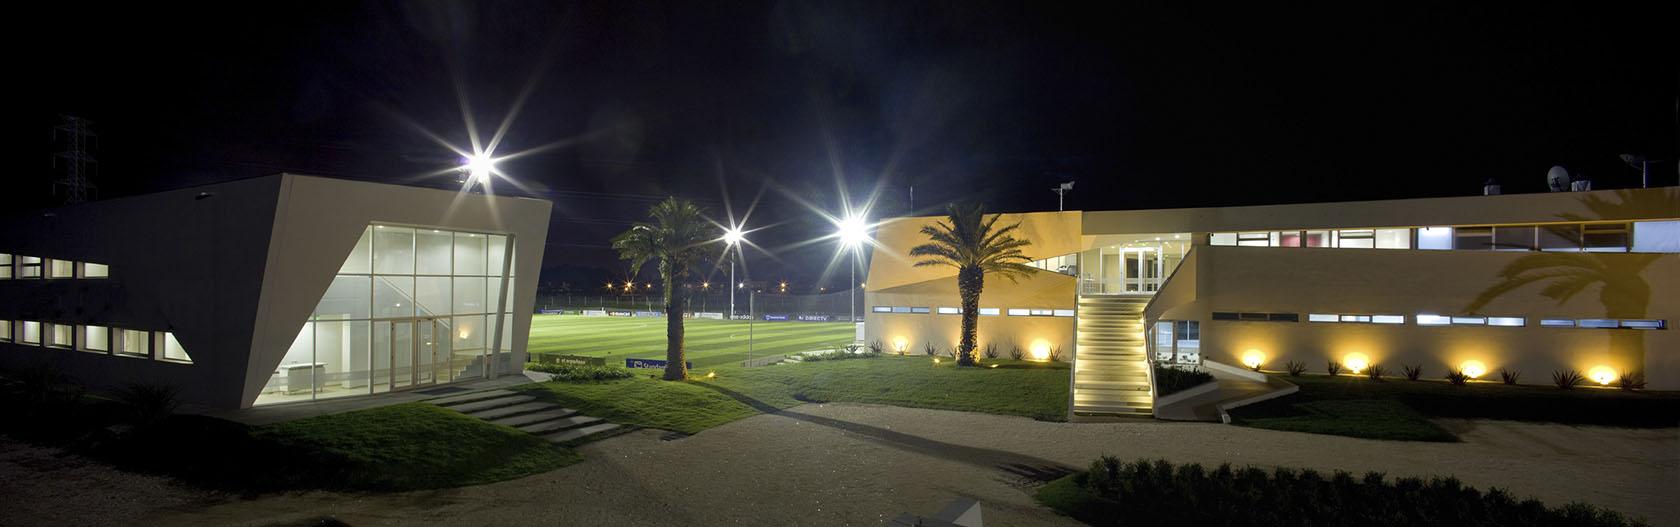 Complejo deportivo, diseño de canchas modernas, alojamiento deportivo en zona norte